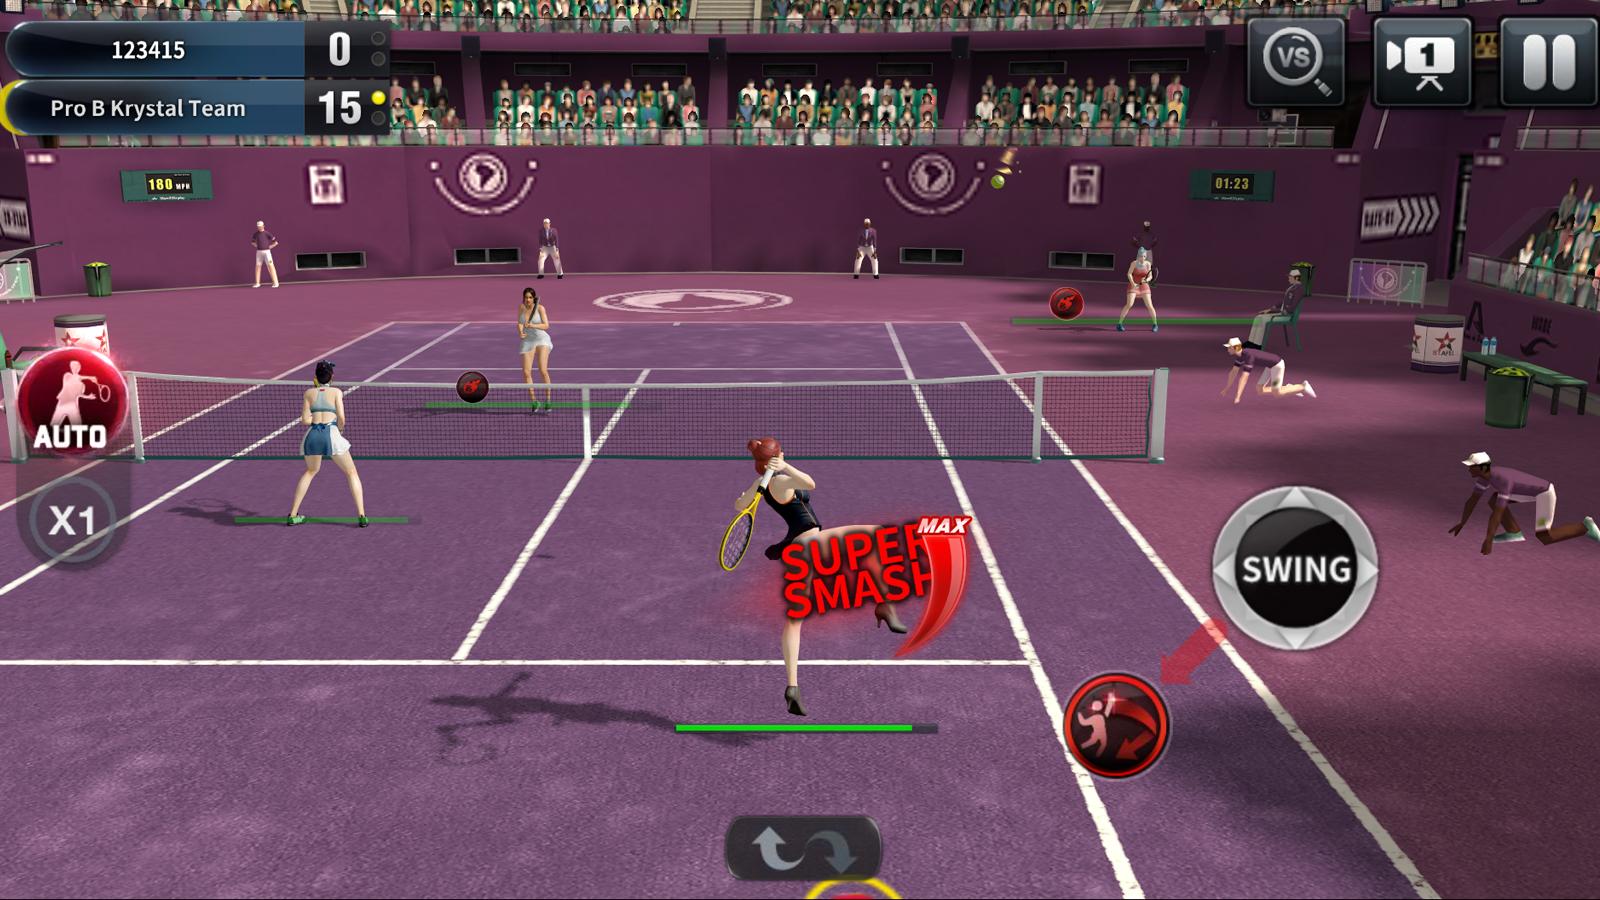 6 Juegos De Tenis Para Ios Y Android Que No Te Debes Perder